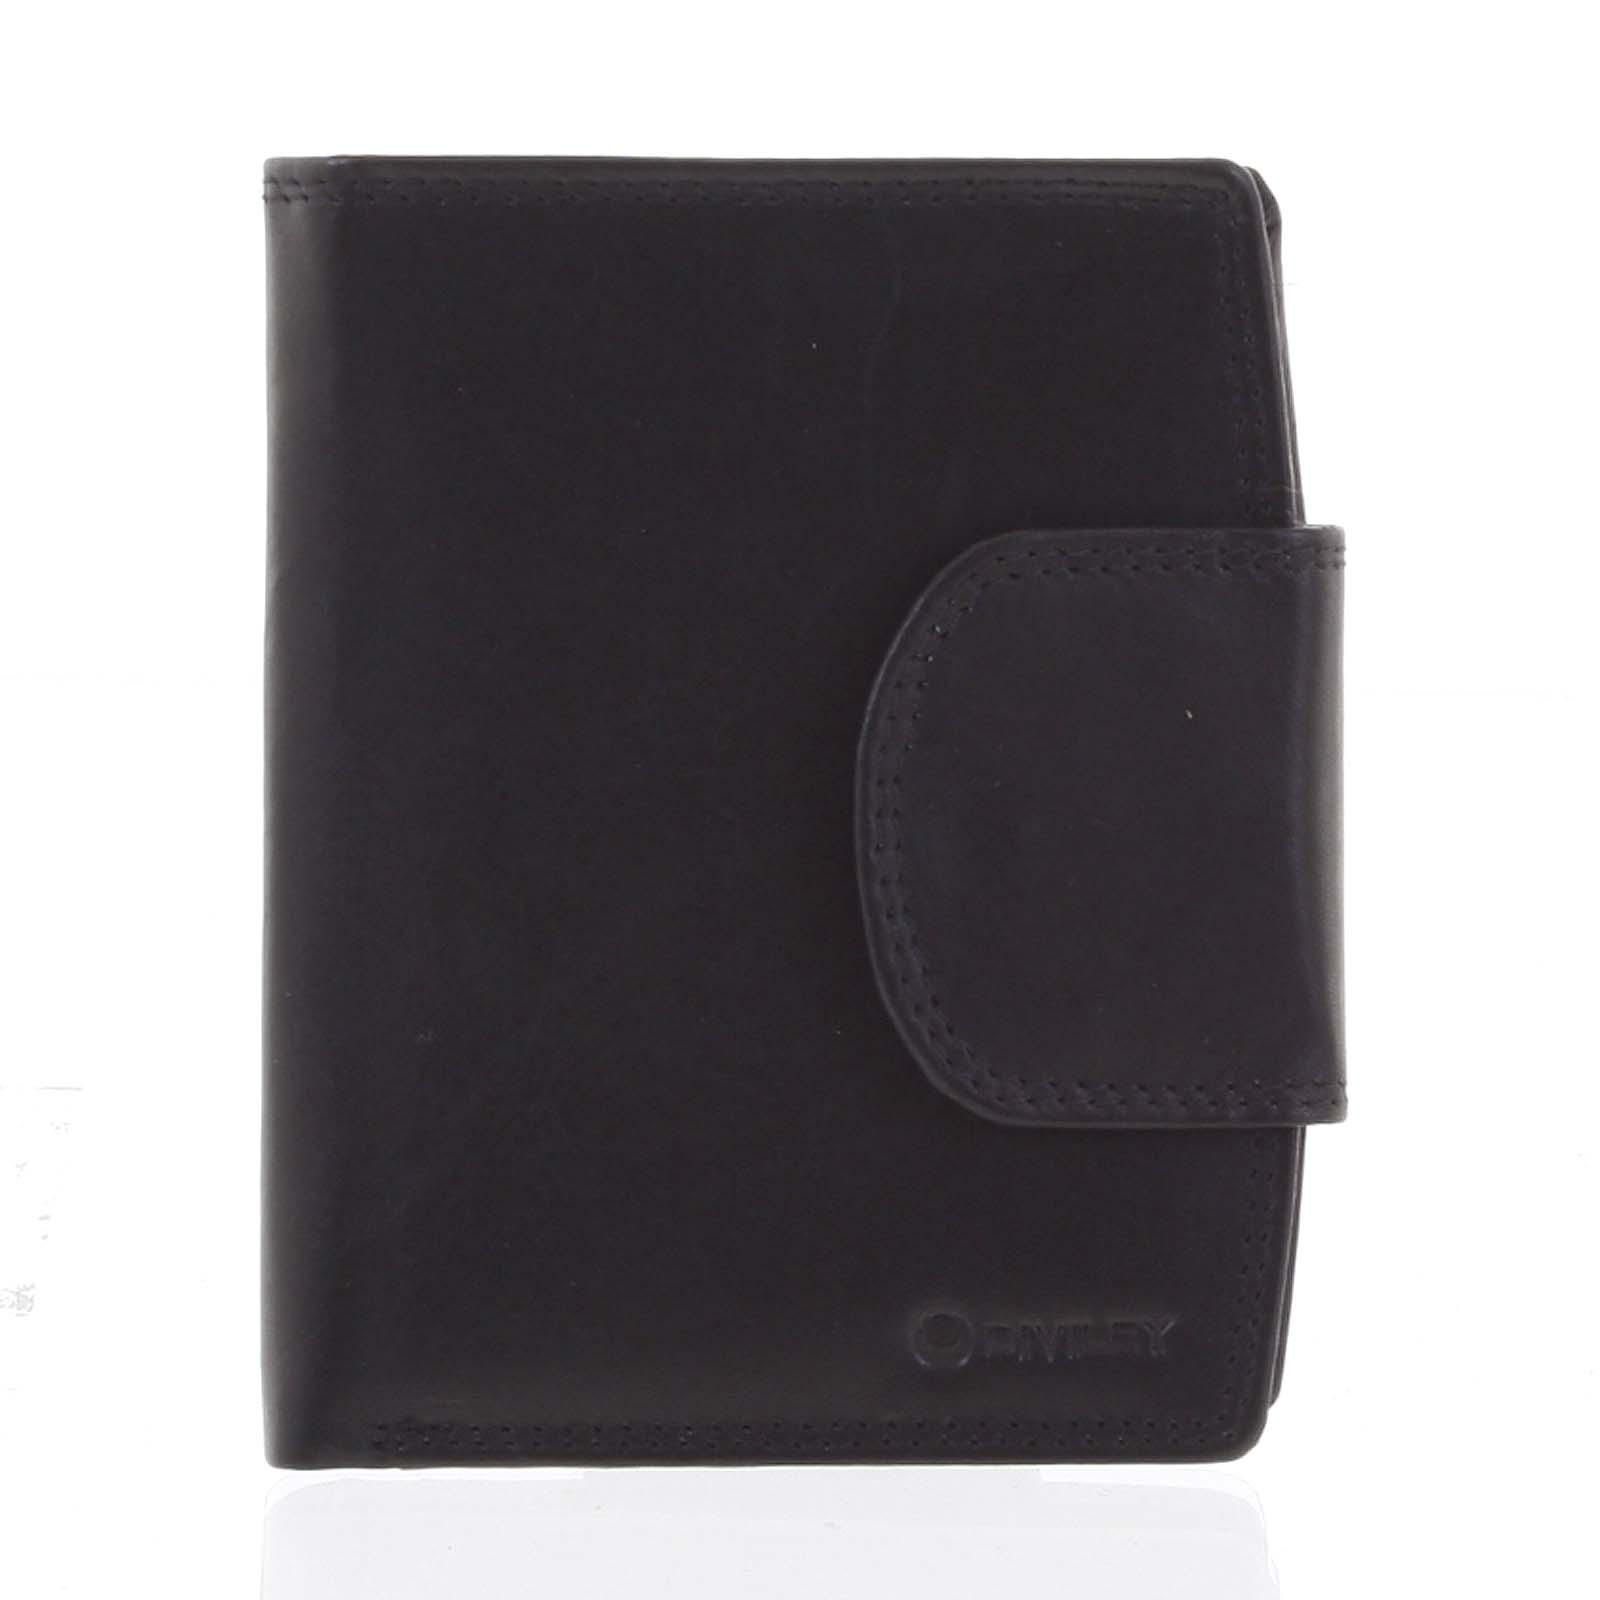 Elegantná čierna kožená peňaženka so zápinkou - Diviley Universit